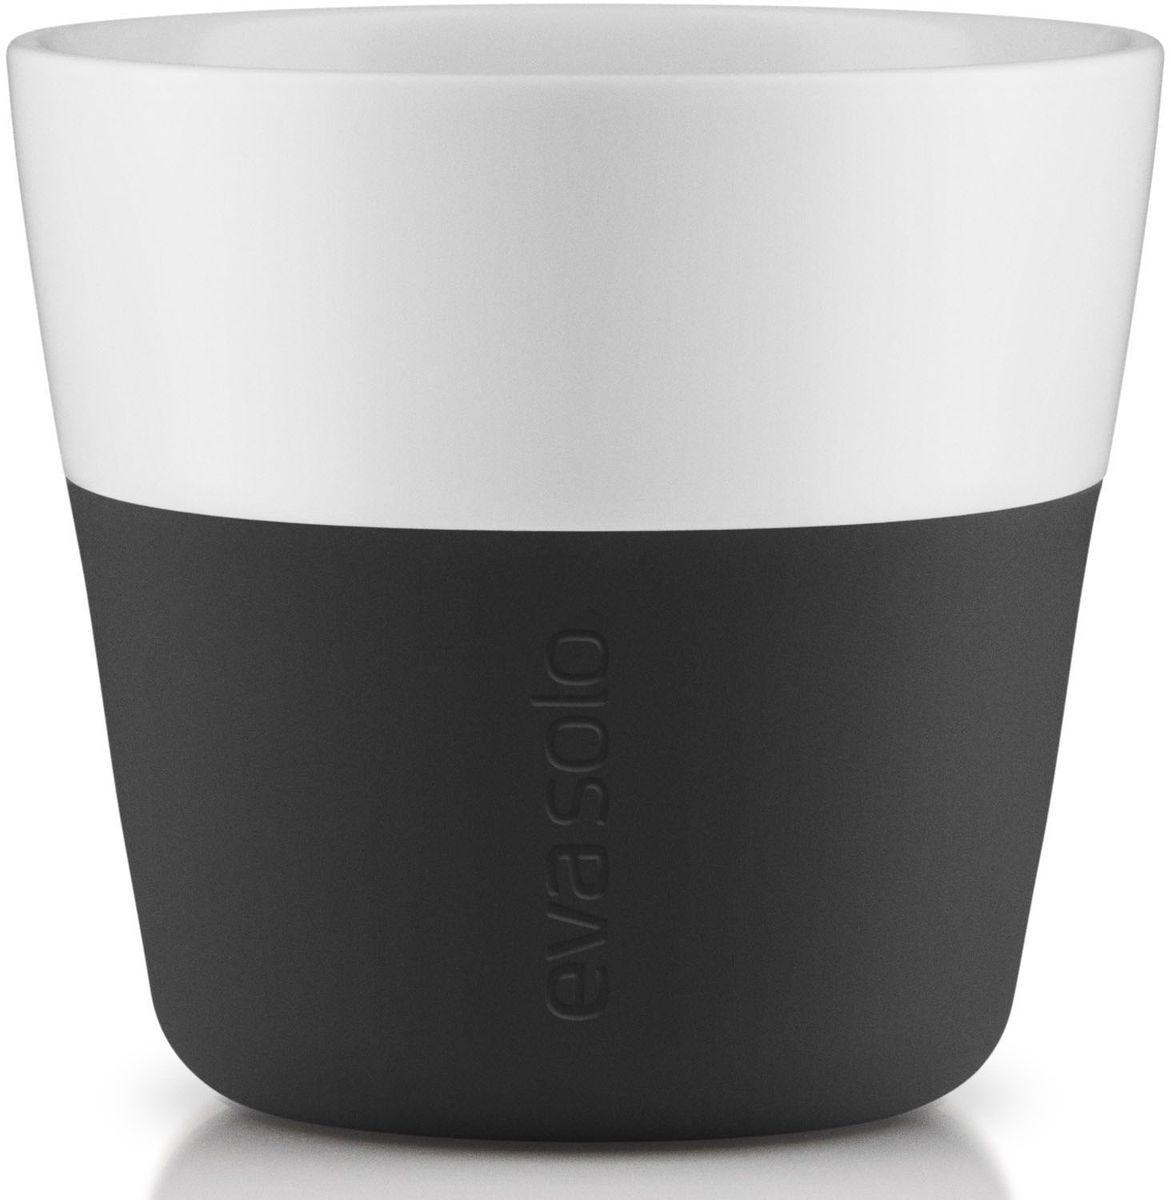 Чашки для лунго Eva Solo, цвет: черный, белый, 230 мл, 2 шт501002Чашка для кофе лунго от Eva Solo рассчитана на 230 мл - оптимальный объем, а также стандартный объем для этого типа напитка у большинства кофемашин. Чашка изготовлена из фарфора и располагает специальным силиконовым чехлом: можно держать в руках, не рискуя обжечь пальцы. Чехол снимается, и чашку можно мыть в посудомоечной машине. В набор входят 2 чашки для лунго.